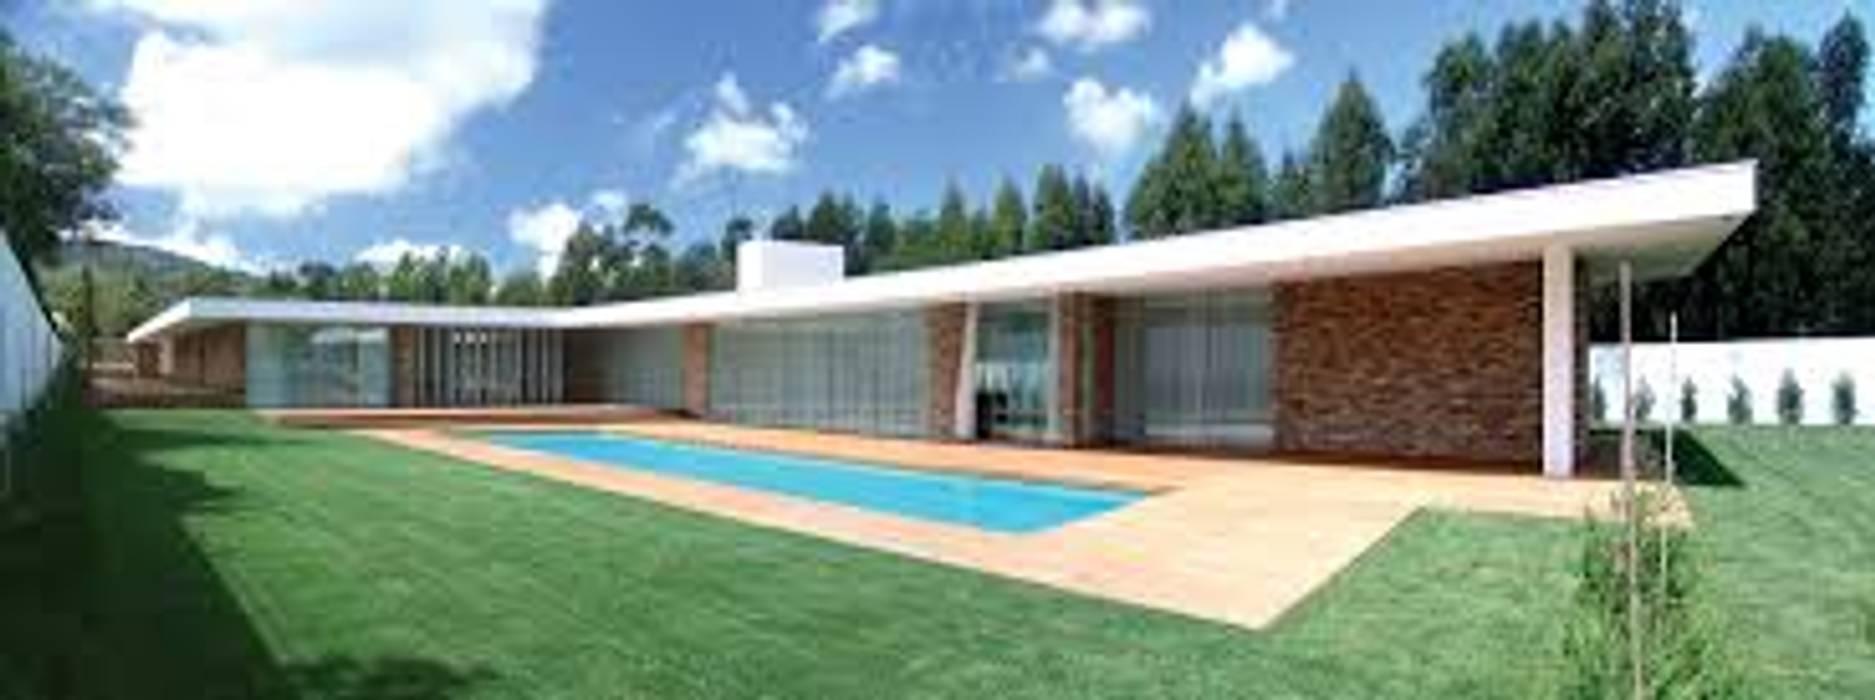 by Rossi Design - Architetto e Designer Scandinavian